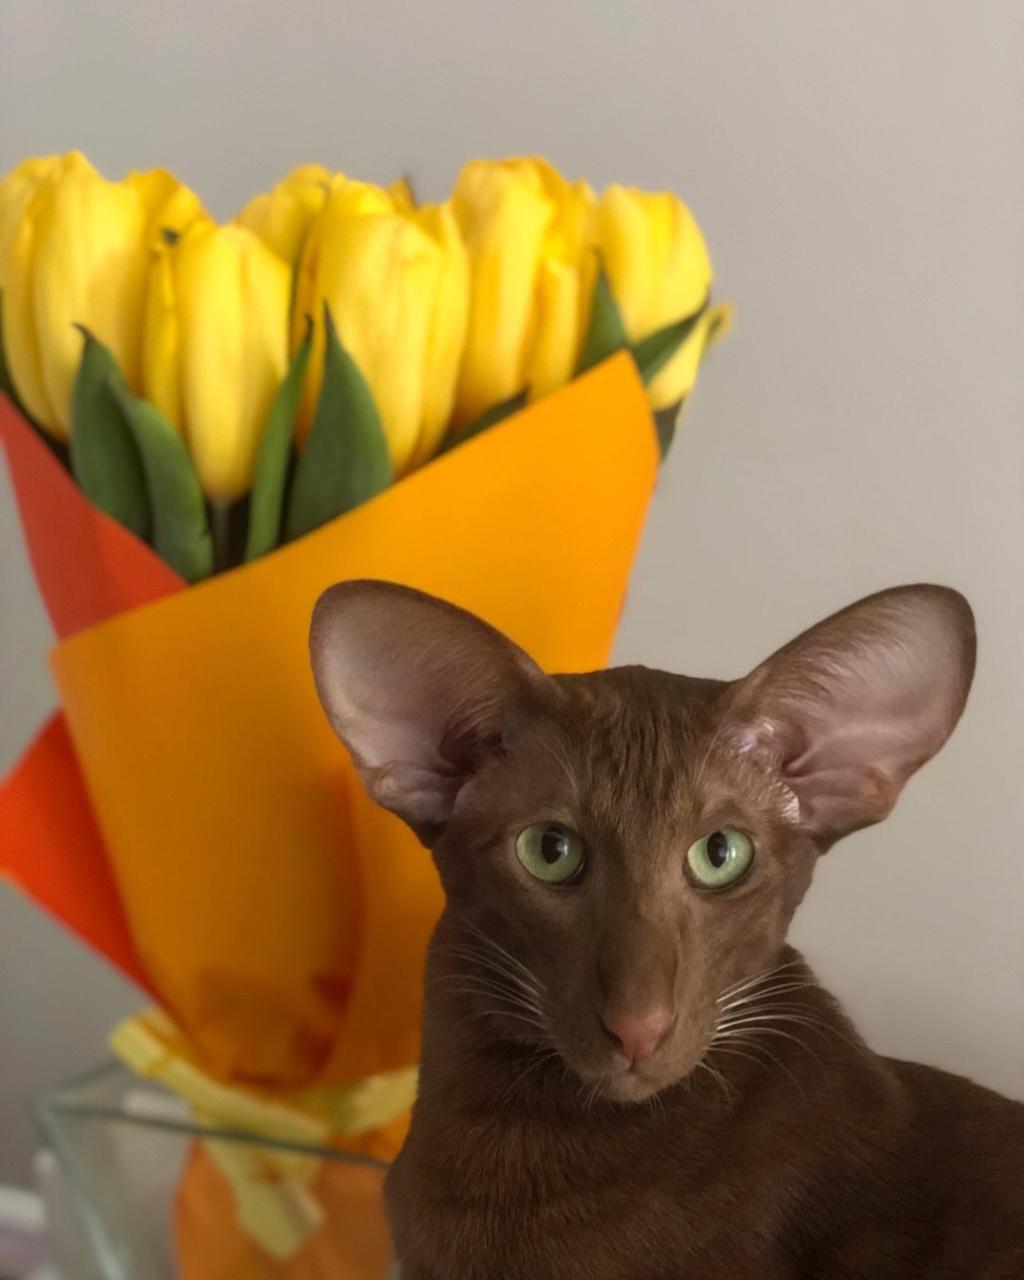 Питомник ориентальных кошек Altfaizer , заводчик Алиса Альтфайзер - просто и скромно Graff Altfaizer Kiss)))